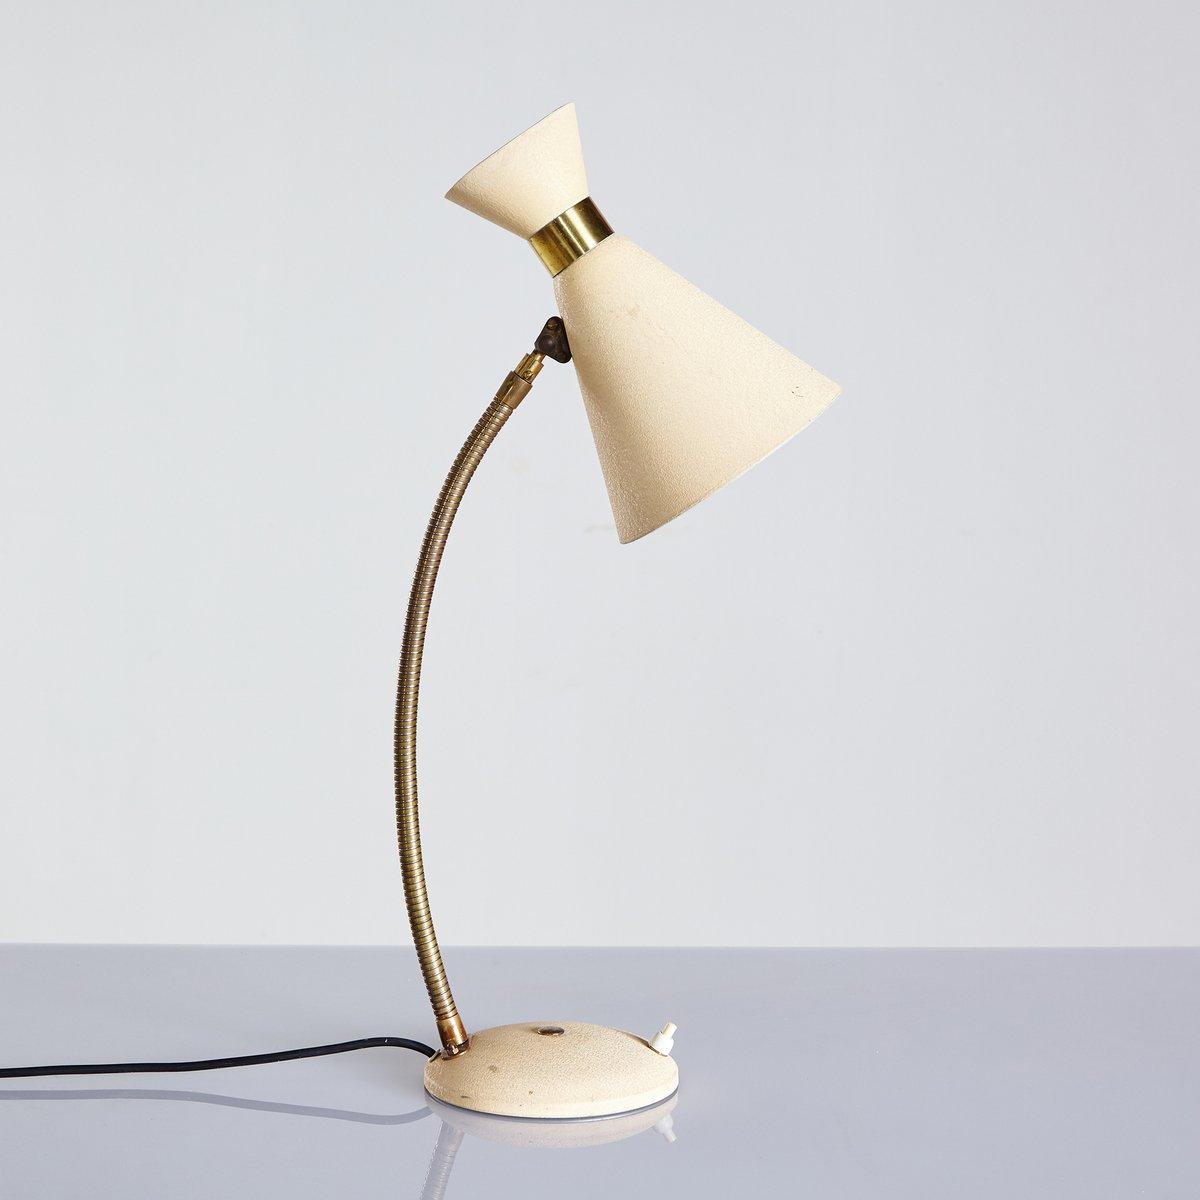 Verstellbare Tischlampe von Rupert Nikoll, 1950er